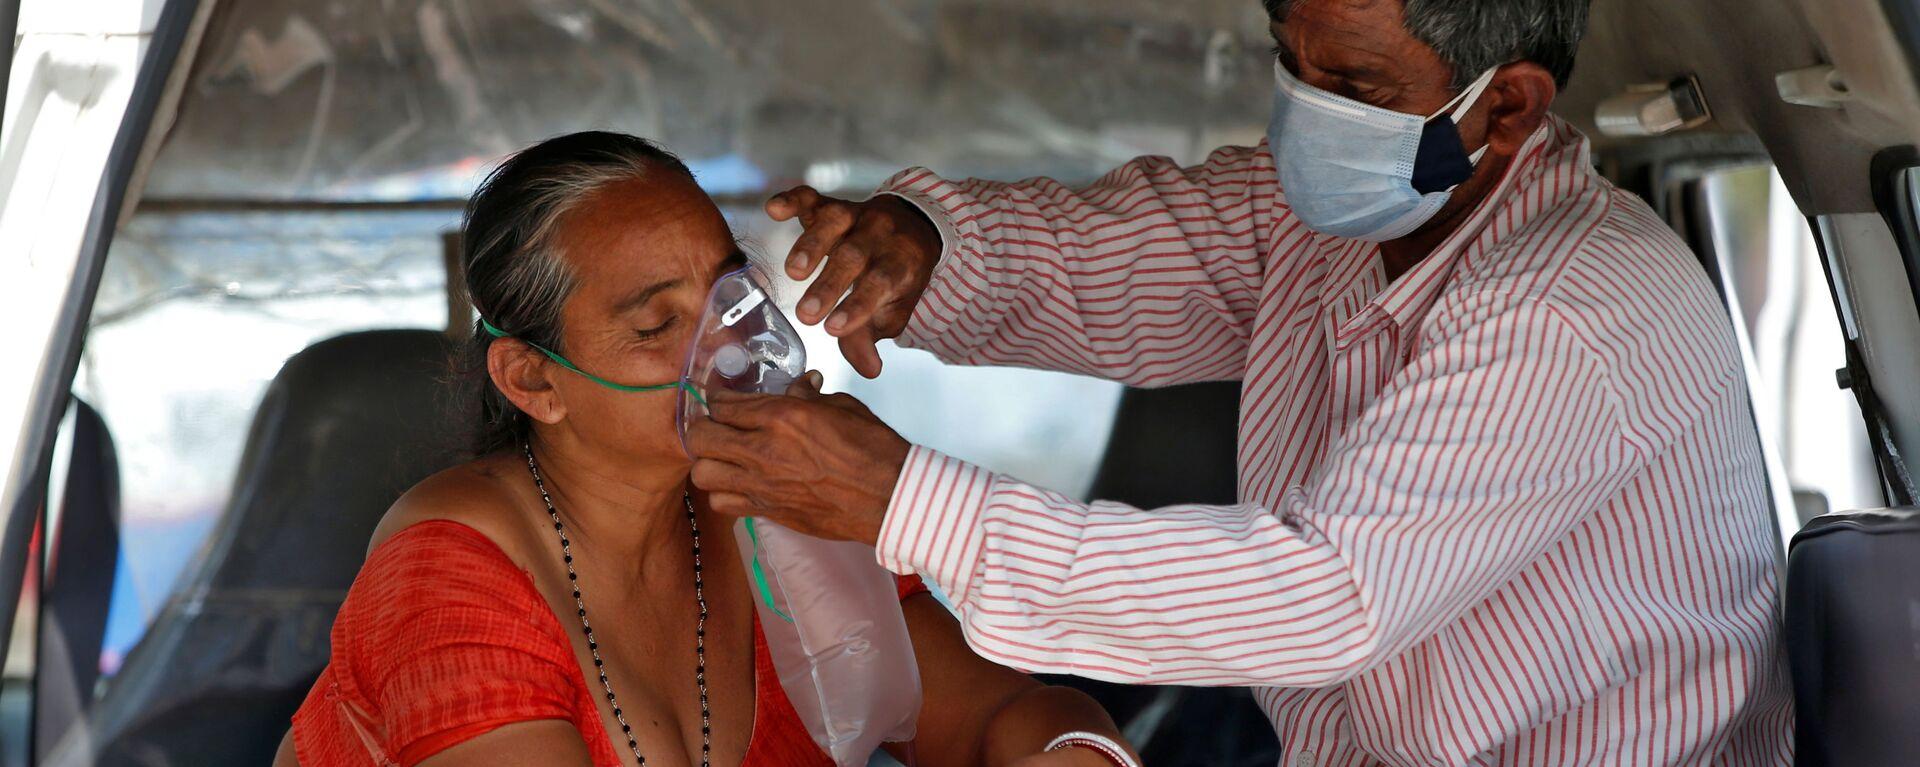 Muž upravuje kyslíkovou masku své ženě během čekání v autě na přijetí do nemocnice s covidem-19 k léčení, Indie - Sputnik Česká republika, 1920, 09.05.2021